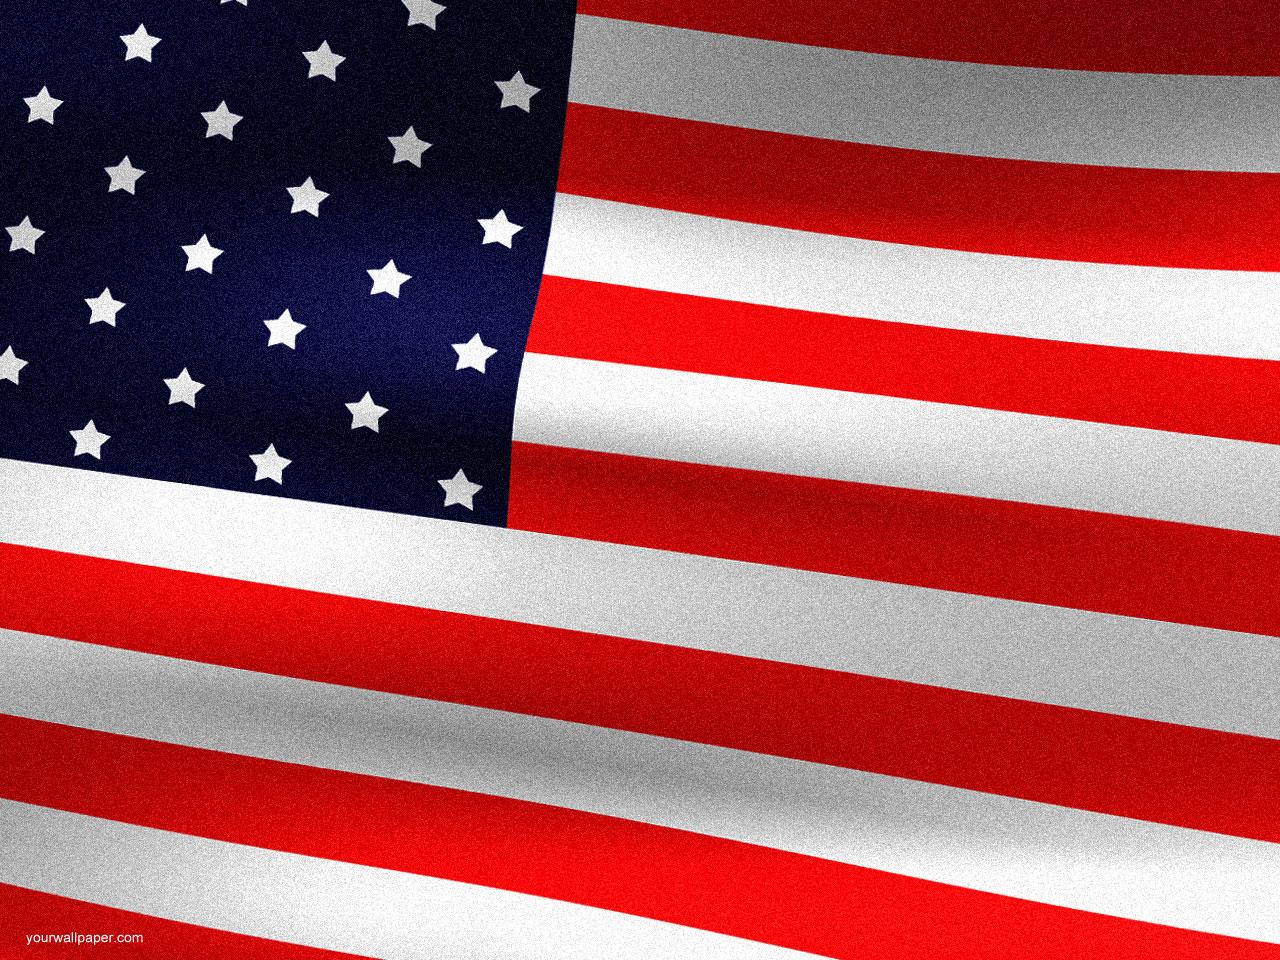 US Flag Wallpaper   YourWallPaper 1280x960